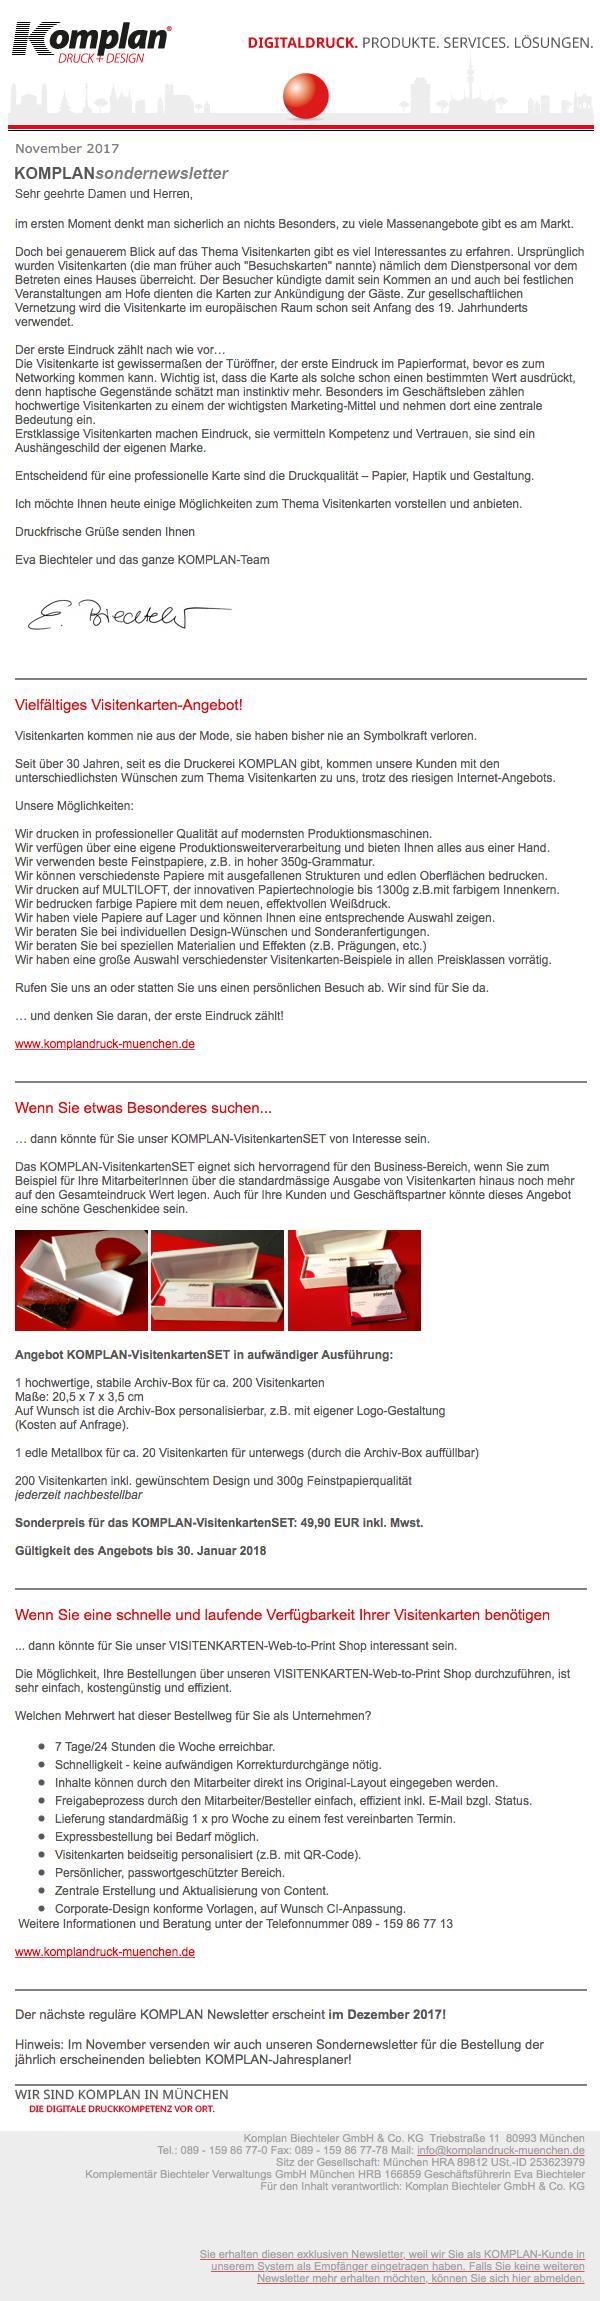 Komplan Sondernewsletter - Nov 2017 - 1 | Komplan - Die digitale ...